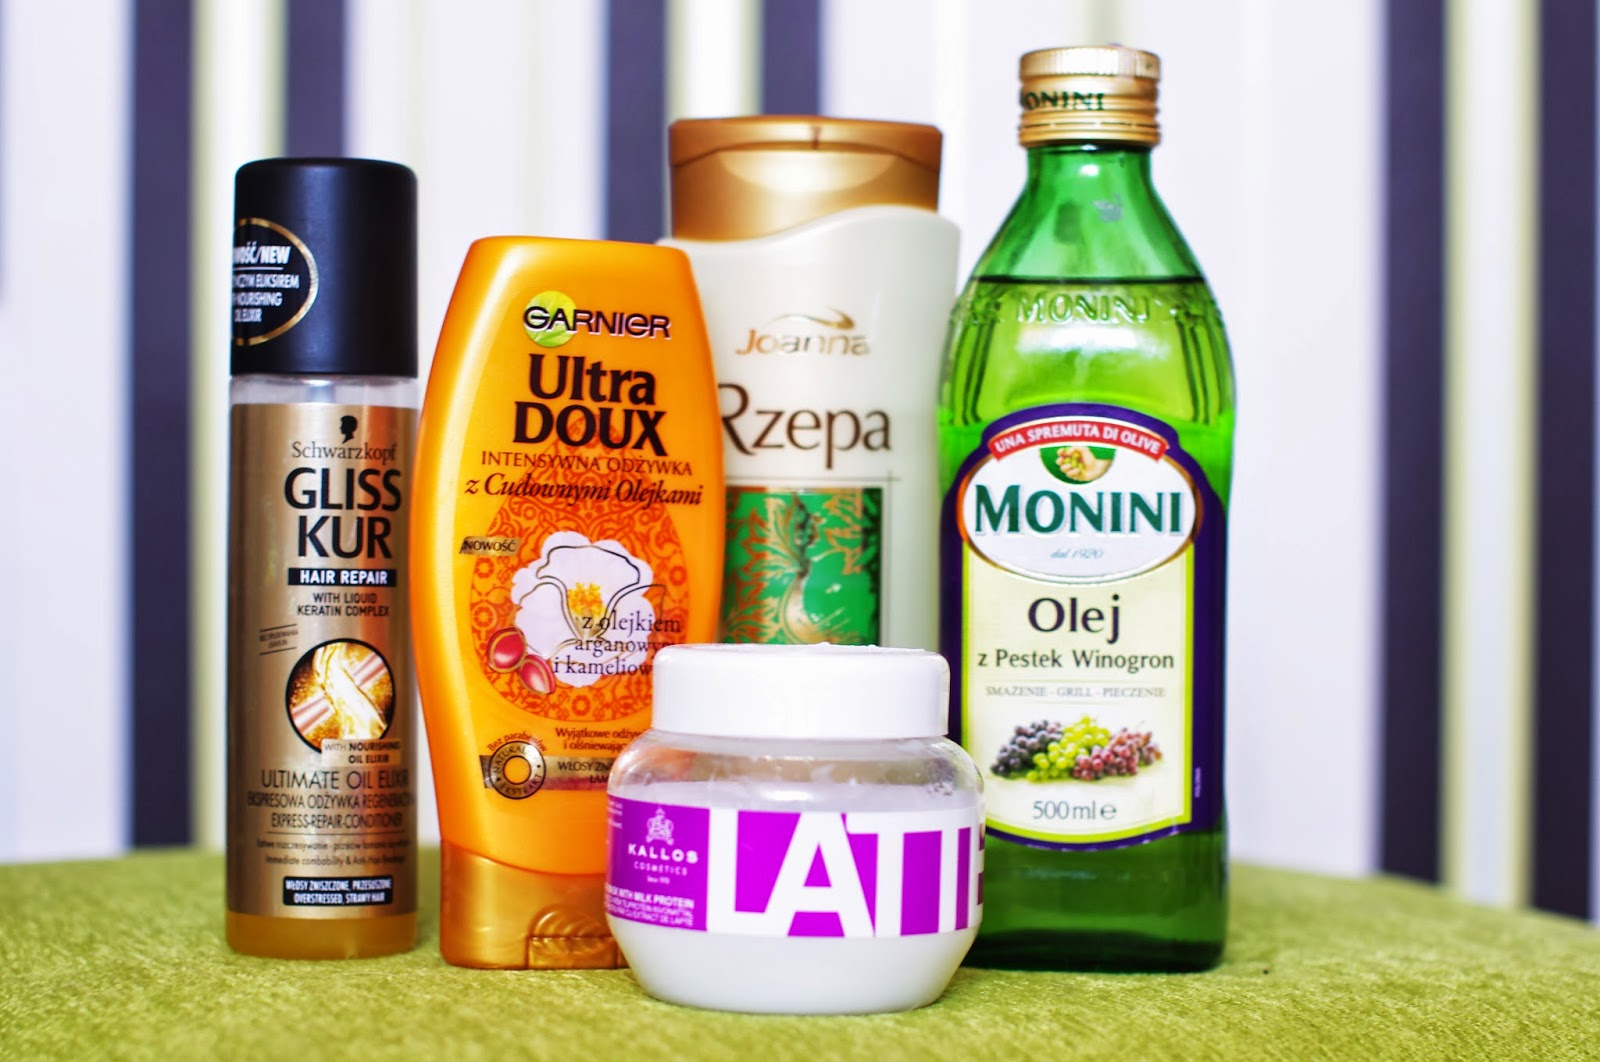 jak dbać o długie włosy, szampon joanna, maska kallos latte, olej z pestek winogron, garnier, gliss kur